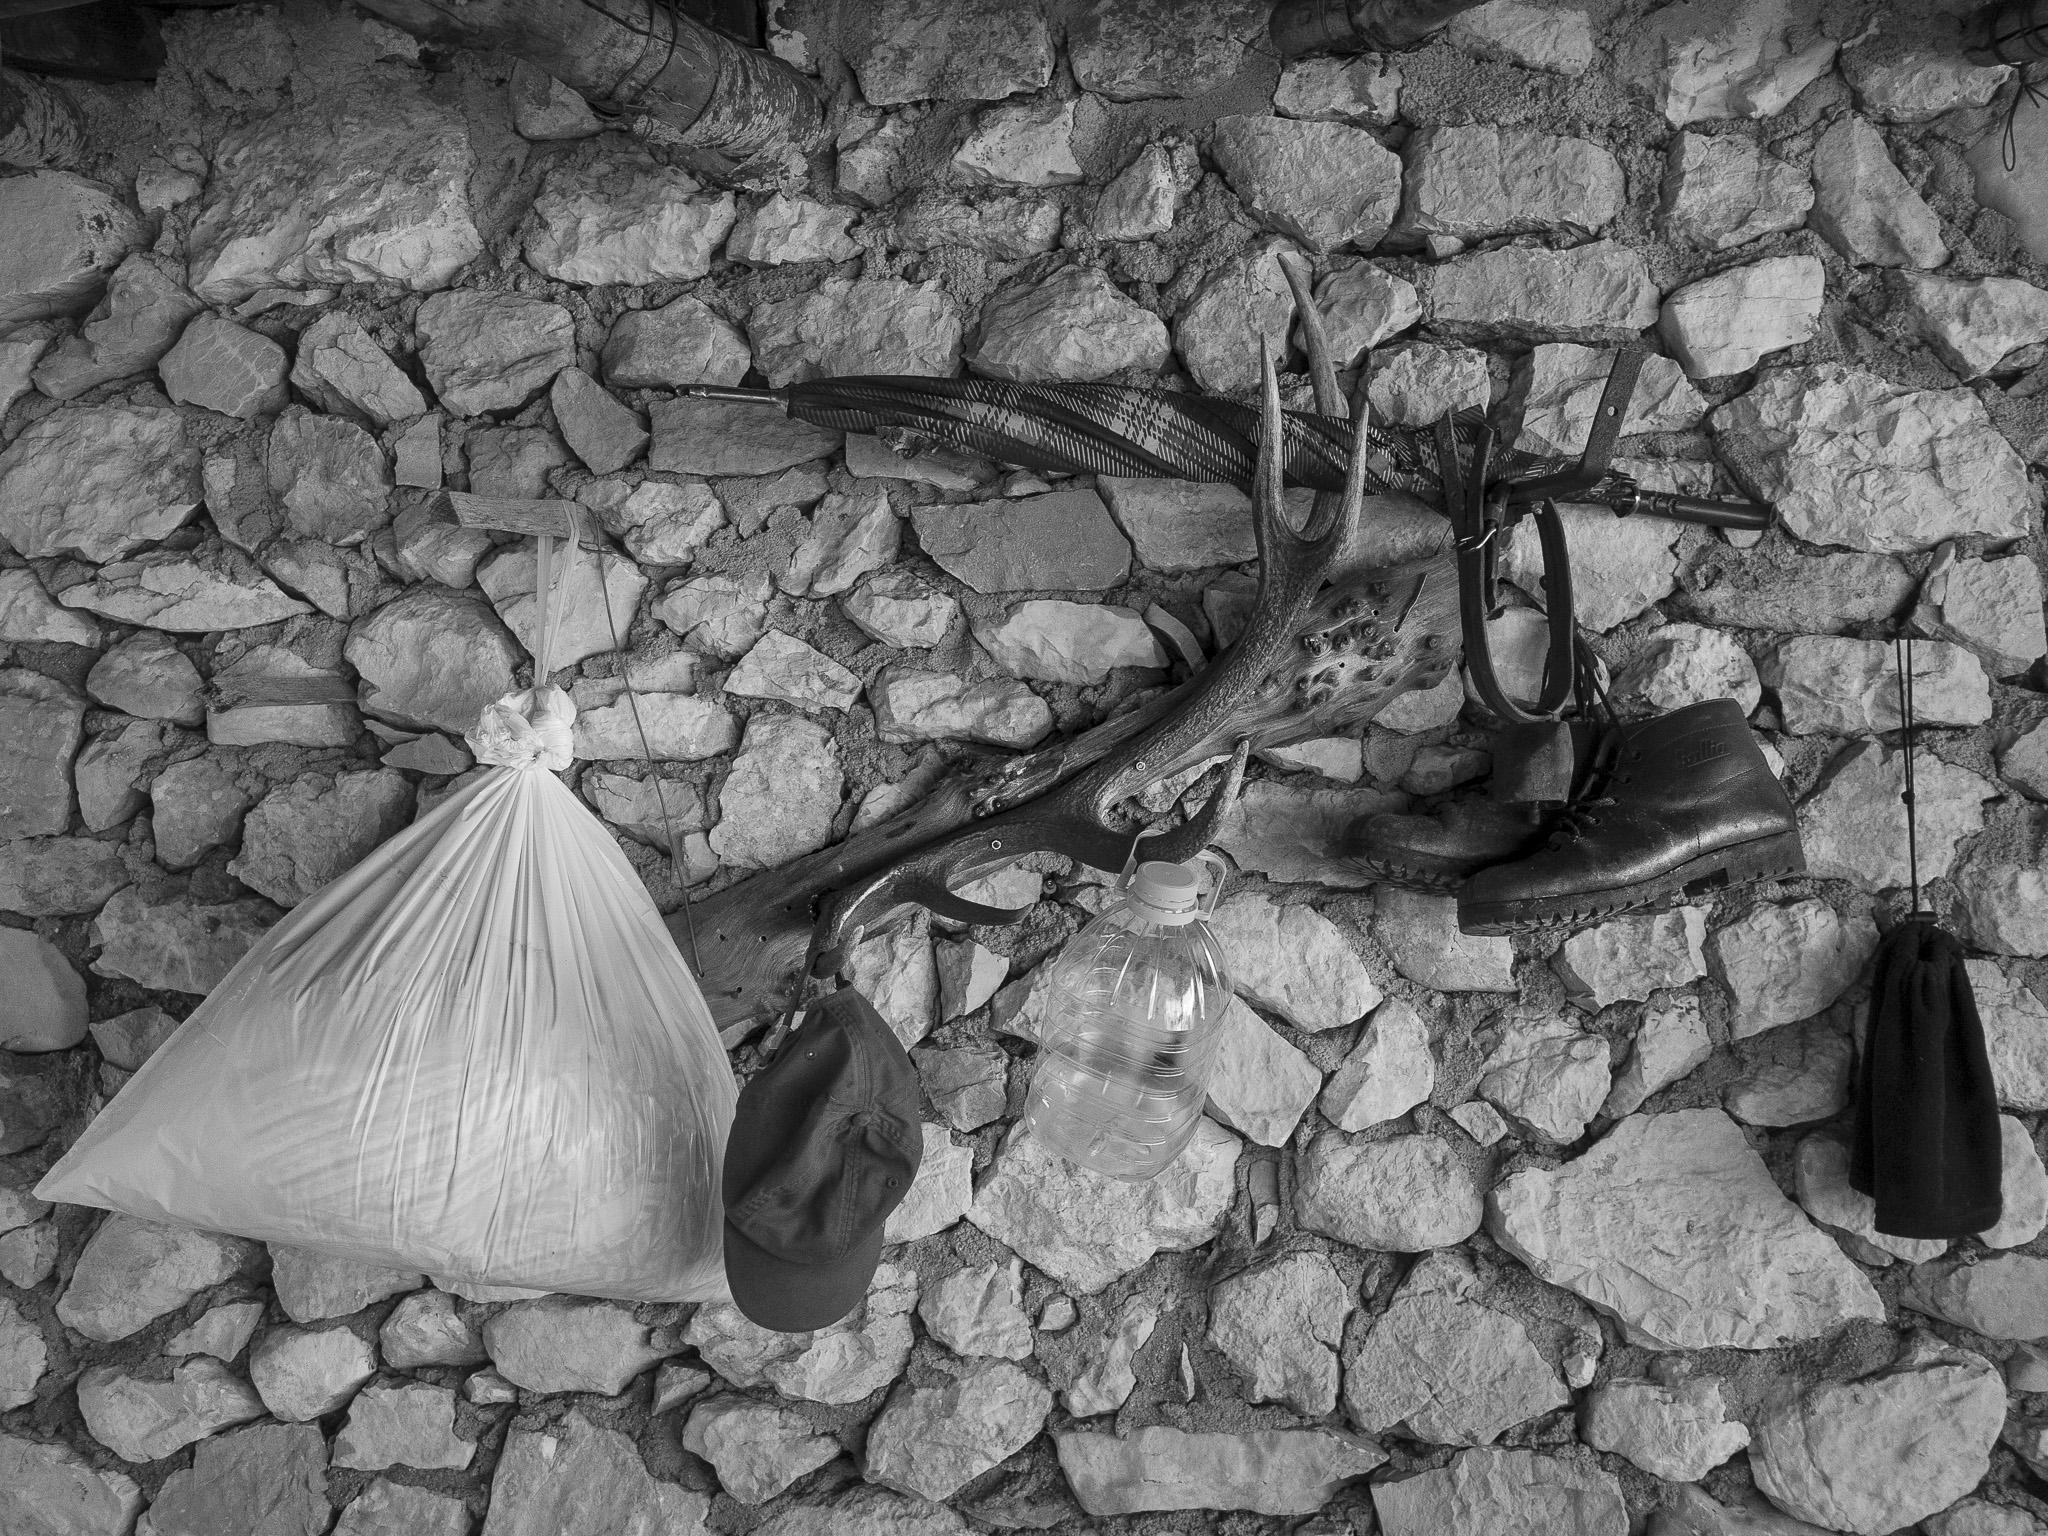 Guardaroba, transumanza - Giulio Burroni